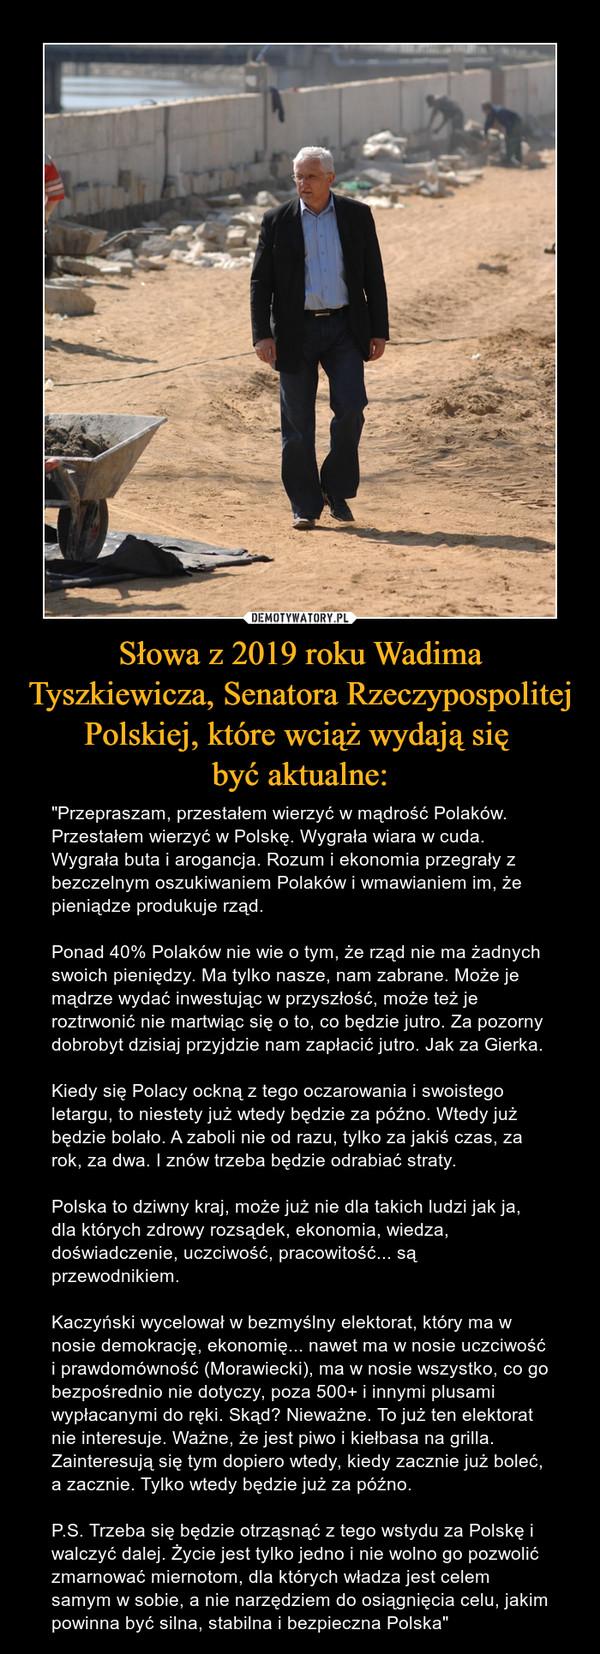 """Słowa z 2019 roku Wadima Tyszkiewicza, Senatora Rzeczypospolitej Polskiej, które wciąż wydają się być aktualne: – """"Przepraszam, przestałem wierzyć w mądrość Polaków. Przestałem wierzyć w Polskę. Wygrała wiara w cuda. Wygrała buta i arogancja. Rozum i ekonomia przegrały z bezczelnym oszukiwaniem Polaków i wmawianiem im, że pieniądze produkuje rząd. Ponad 40% Polaków nie wie o tym, że rząd nie ma żadnych swoich pieniędzy. Ma tylko nasze, nam zabrane. Może je mądrze wydać inwestując w przyszłość, może też je roztrwonić nie martwiąc się o to, co będzie jutro. Za pozorny dobrobyt dzisiaj przyjdzie nam zapłacić jutro. Jak za Gierka.Kiedy się Polacy ockną z tego oczarowania i swoistego letargu, to niestety już wtedy będzie za późno. Wtedy już będzie bolało. A zaboli nie od razu, tylko za jakiś czas, za rok, za dwa. I znów trzeba będzie odrabiać straty.Polska to dziwny kraj, może już nie dla takich ludzi jak ja, dla których zdrowy rozsądek, ekonomia, wiedza, doświadczenie, uczciwość, pracowitość... są przewodnikiem.Kaczyński wycelował w bezmyślny elektorat, który ma w nosie demokrację, ekonomię... nawet ma w nosie uczciwość i prawdomówność (Morawiecki), ma w nosie wszystko, co go bezpośrednio nie dotyczy, poza 500+ i innymi plusami wypłacanymi do ręki. Skąd? Nieważne. To już ten elektorat nie interesuje. Ważne, że jest piwo i kiełbasa na grilla. Zainteresują się tym dopiero wtedy, kiedy zacznie już boleć, a zacznie. Tylko wtedy będzie już za późno.P.S. Trzeba się będzie otrząsnąć z tego wstydu za Polskę i walczyć dalej. Życie jest tylko jedno i nie wolno go pozwolić zmarnować miernotom, dla których władza jest celem samym w sobie, a nie narzędziem do osiągnięcia celu, jakim powinna być silna, stabilna i bezpieczna Polska"""""""